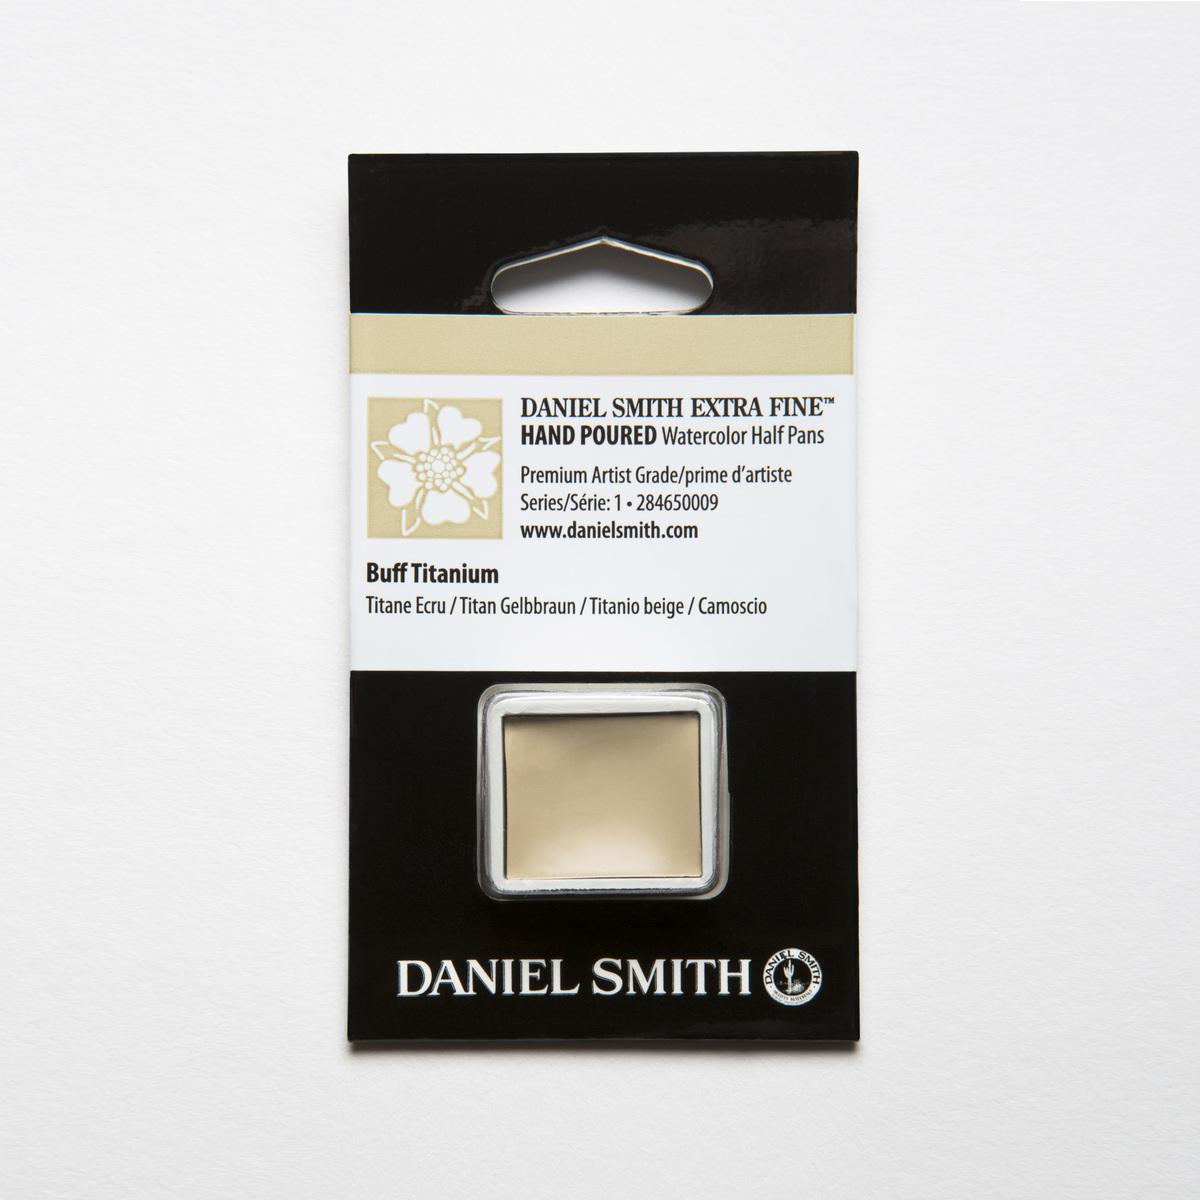 新作 大人気 DANIEL SMITH バフチタニウム Buff Titanium ハーフパン スミス 水彩絵具 着後レビューで 送料無料 ダニエル